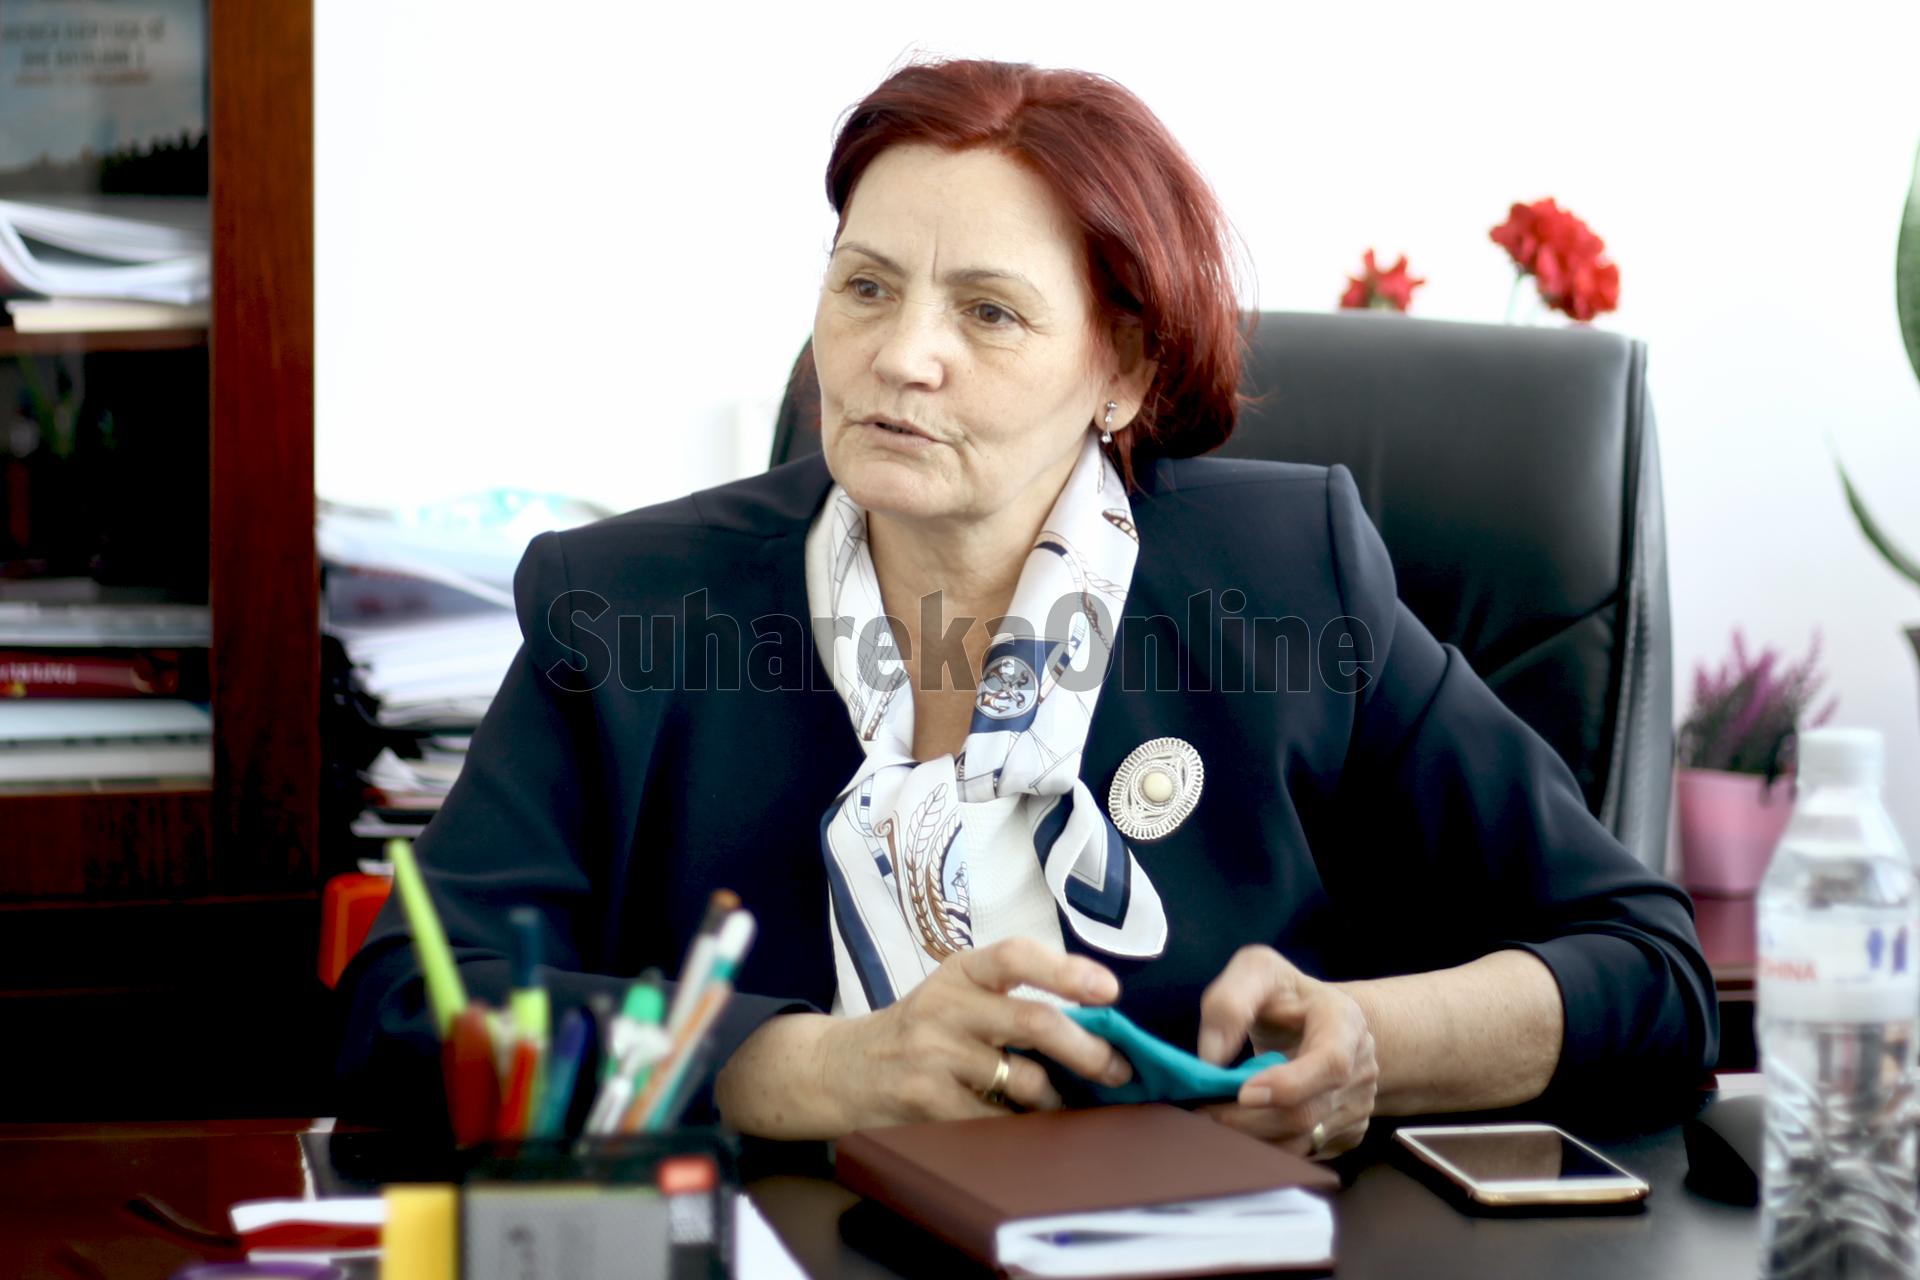 Suka: Rastet e dhunës në familje kanë shënuar rritje gjatë 2020's